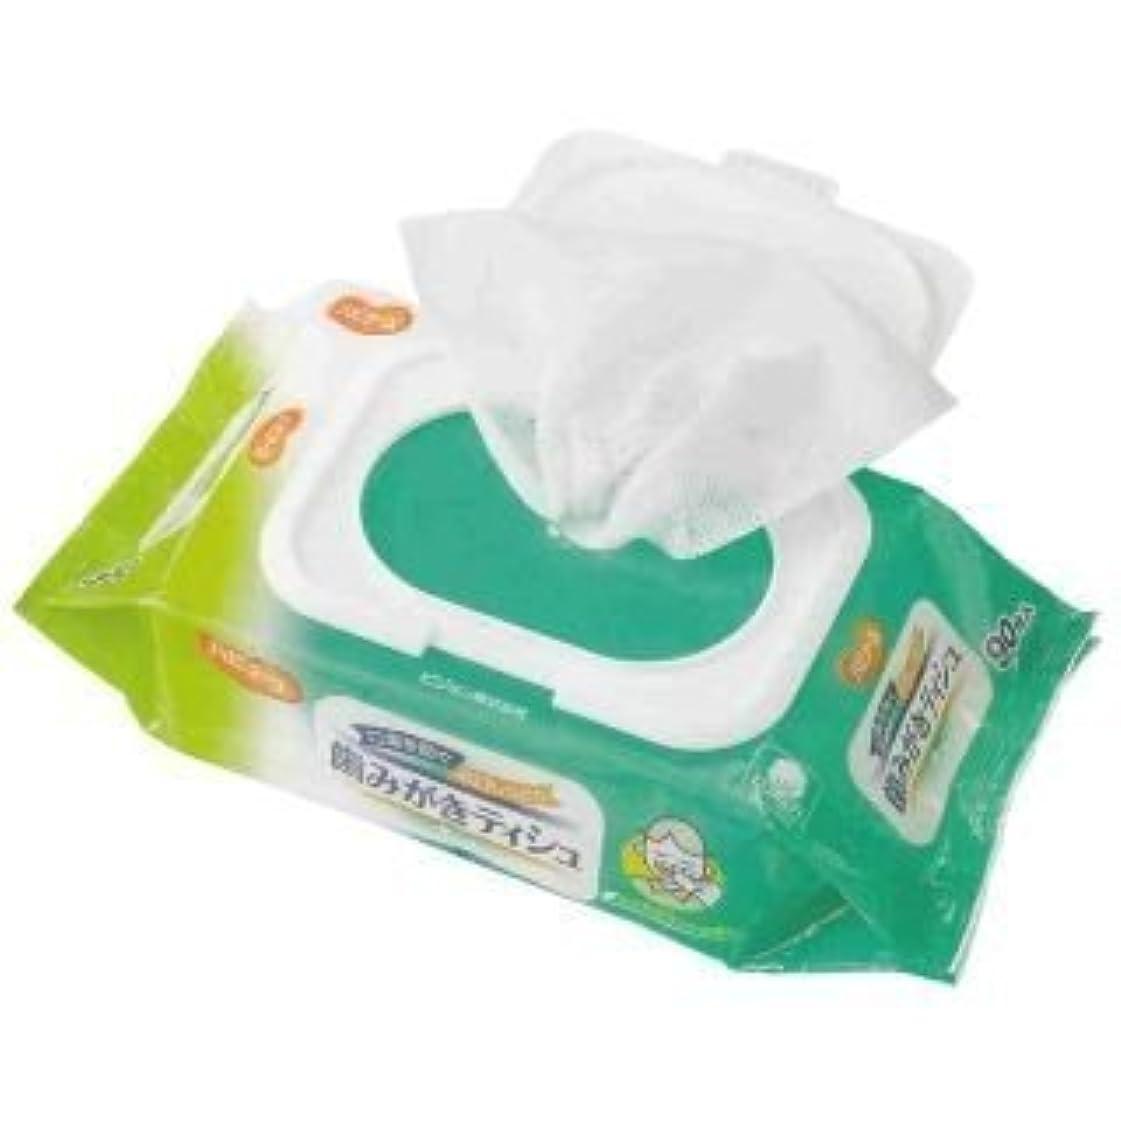 ペース擬人ずるい口臭を防ぐ&お口しっとり!ふきとりやすいコットンメッシュシート!お口が乾燥して、お口の臭いが気になるときに!歯みがきティシュ 90枚入【2個セット】